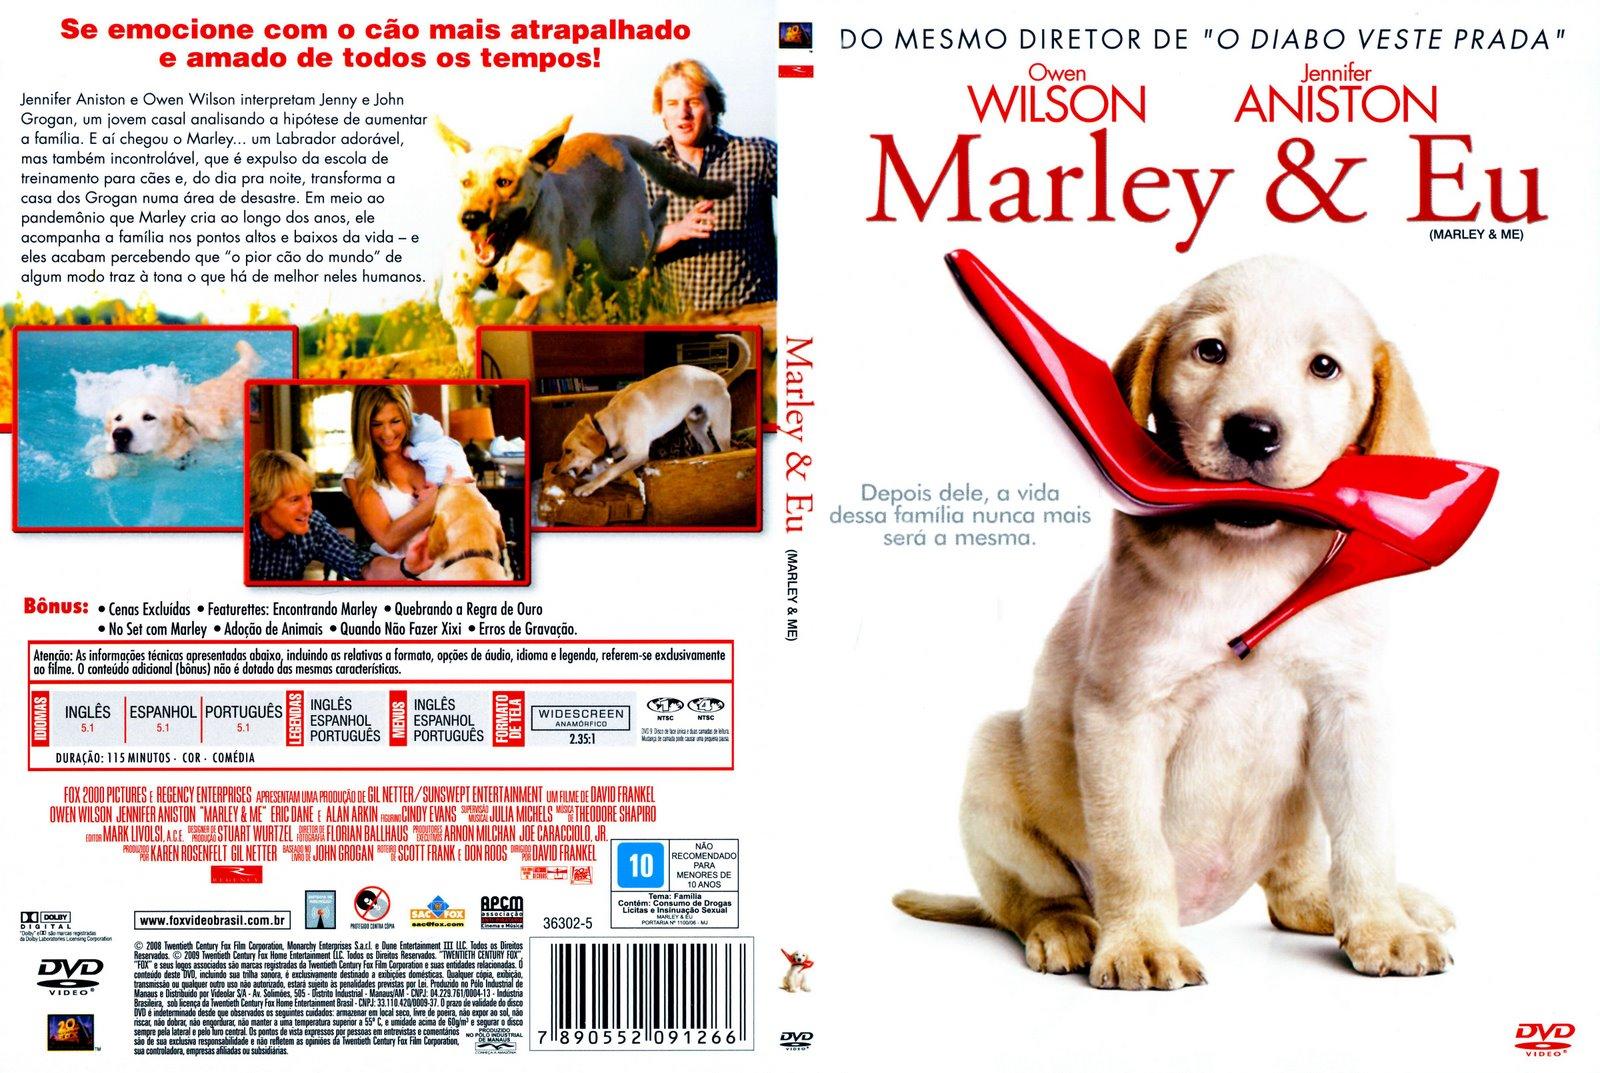 http://3.bp.blogspot.com/_ET4mSvvgIvQ/S-f-WvmrIII/AAAAAAAAATk/oxs3SJ6XTHE/s1600/Marley+%26+Eu.jpg